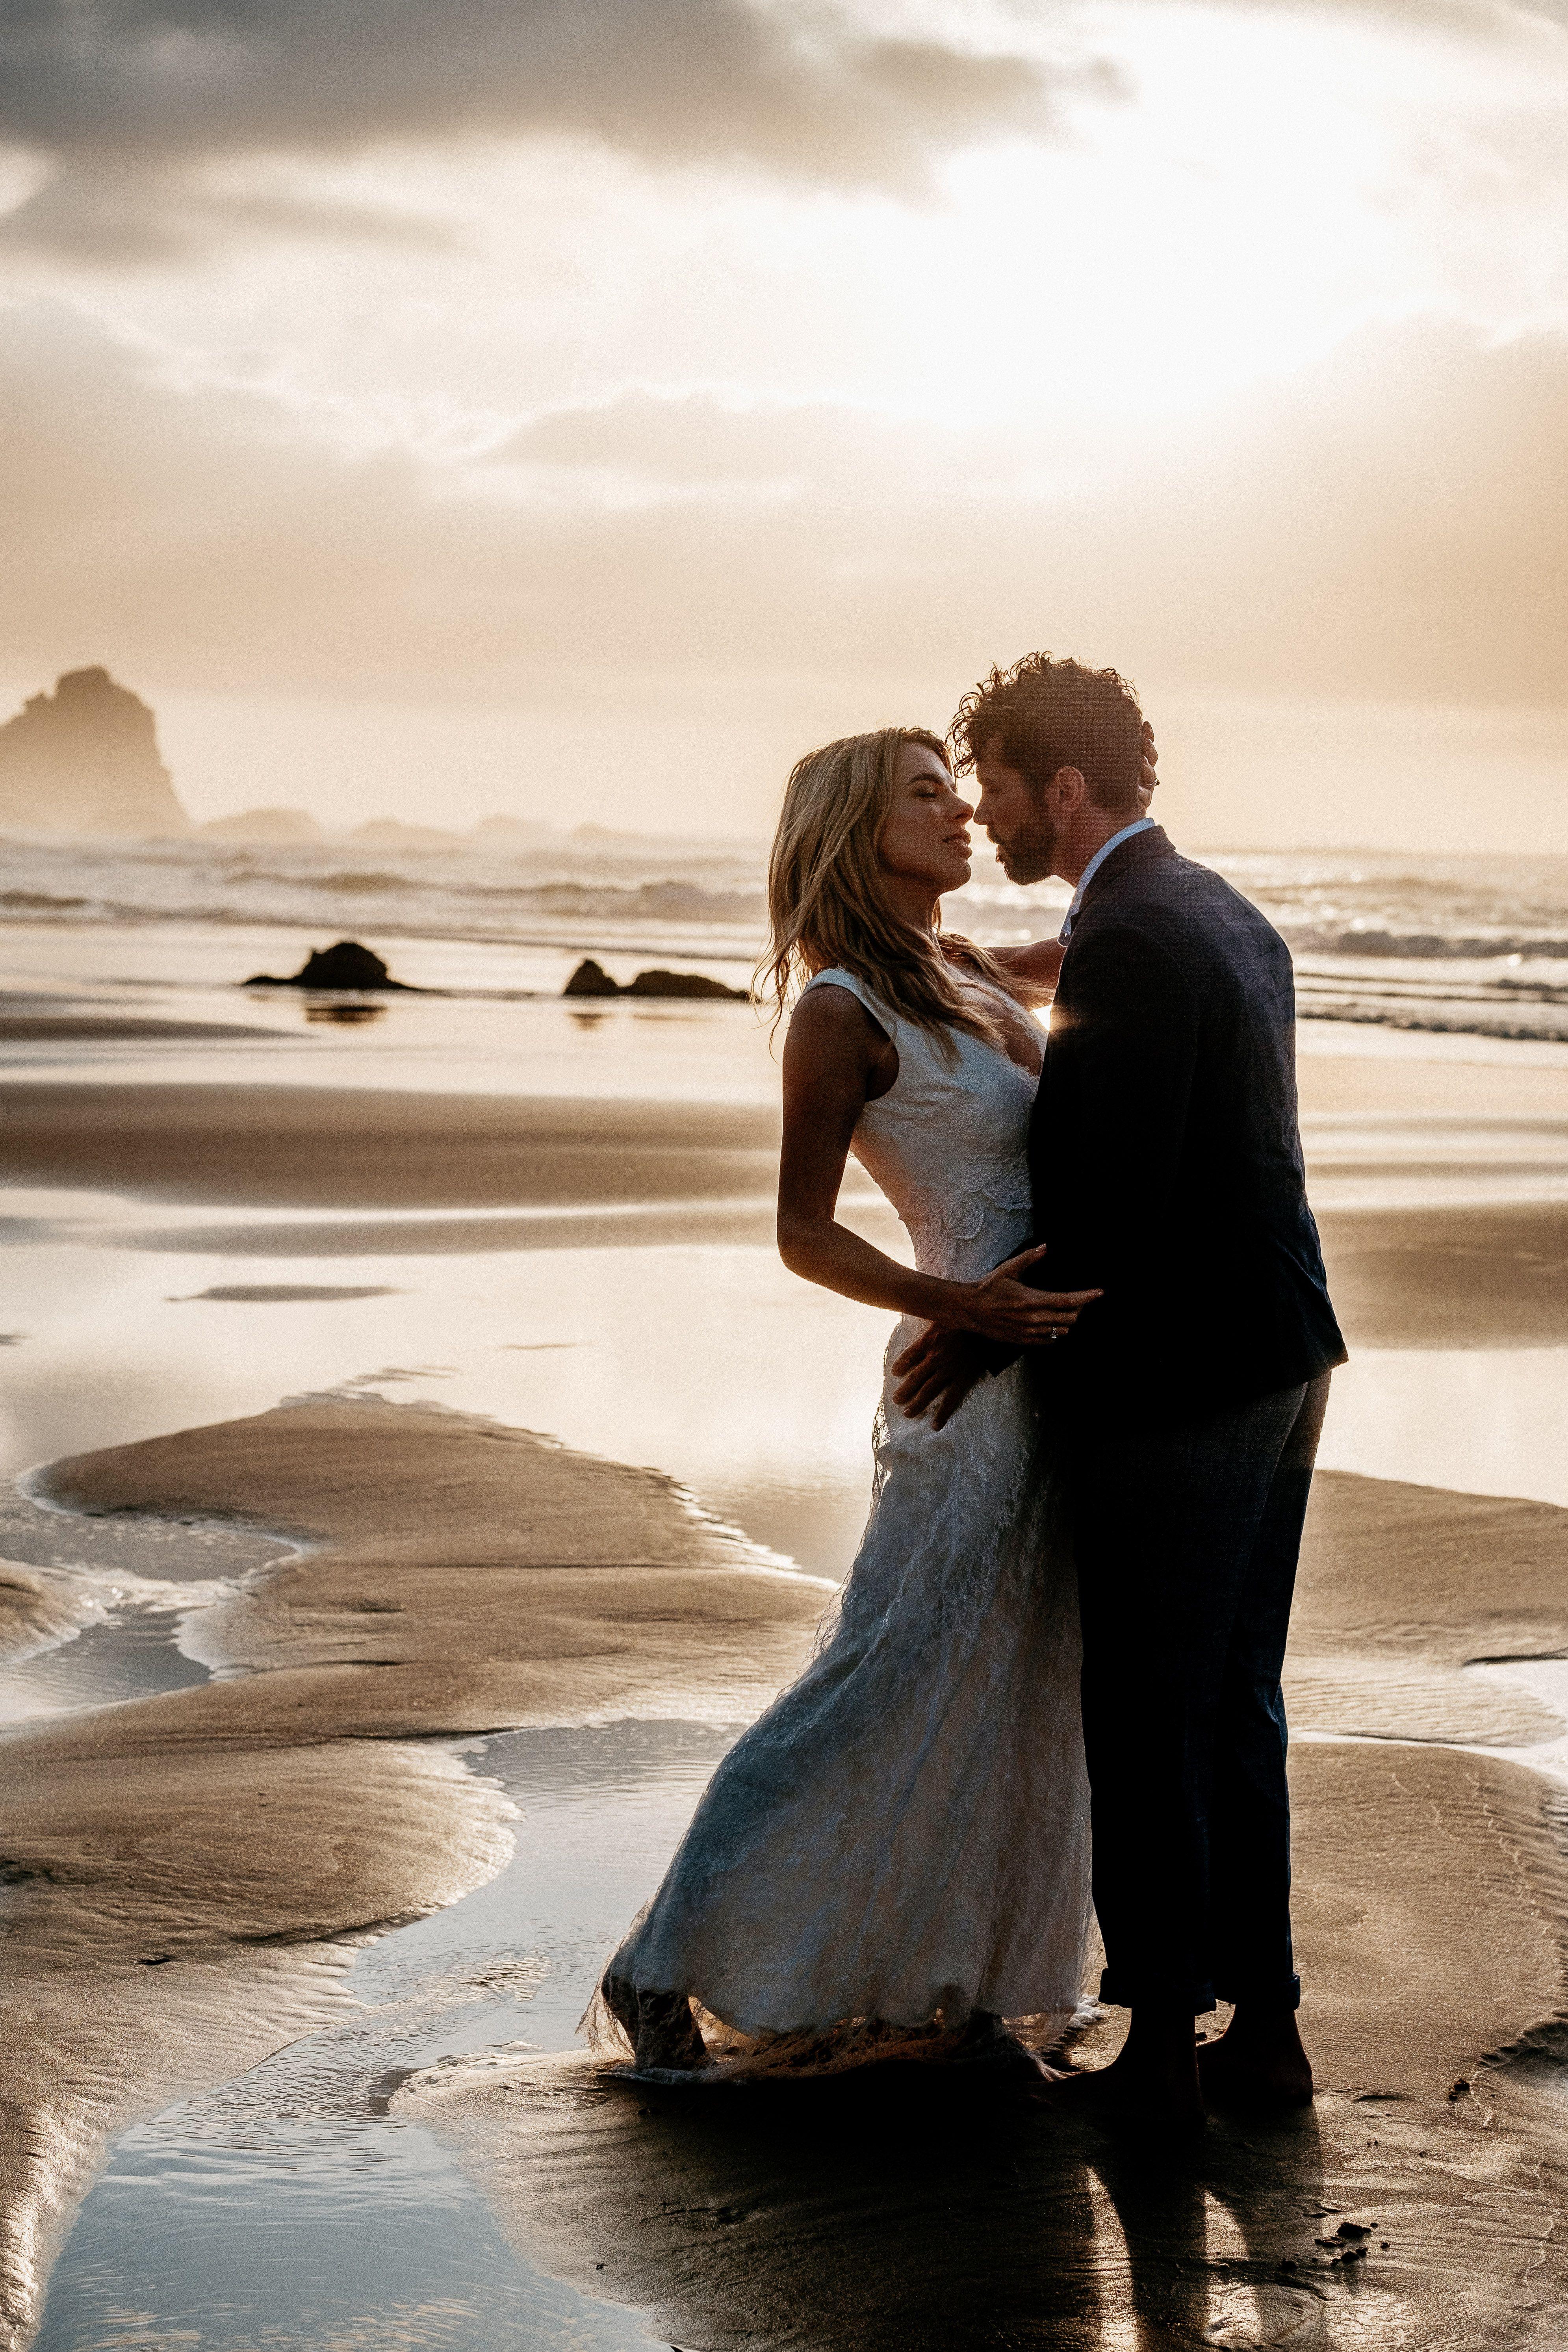 Heiraten Am Meer Eure Hochzeit Am Strand Wird All Eure Wunsche Wahr Machen Hochzeit Am Strand Kleine Hochzeit Hochzeit Hamburg